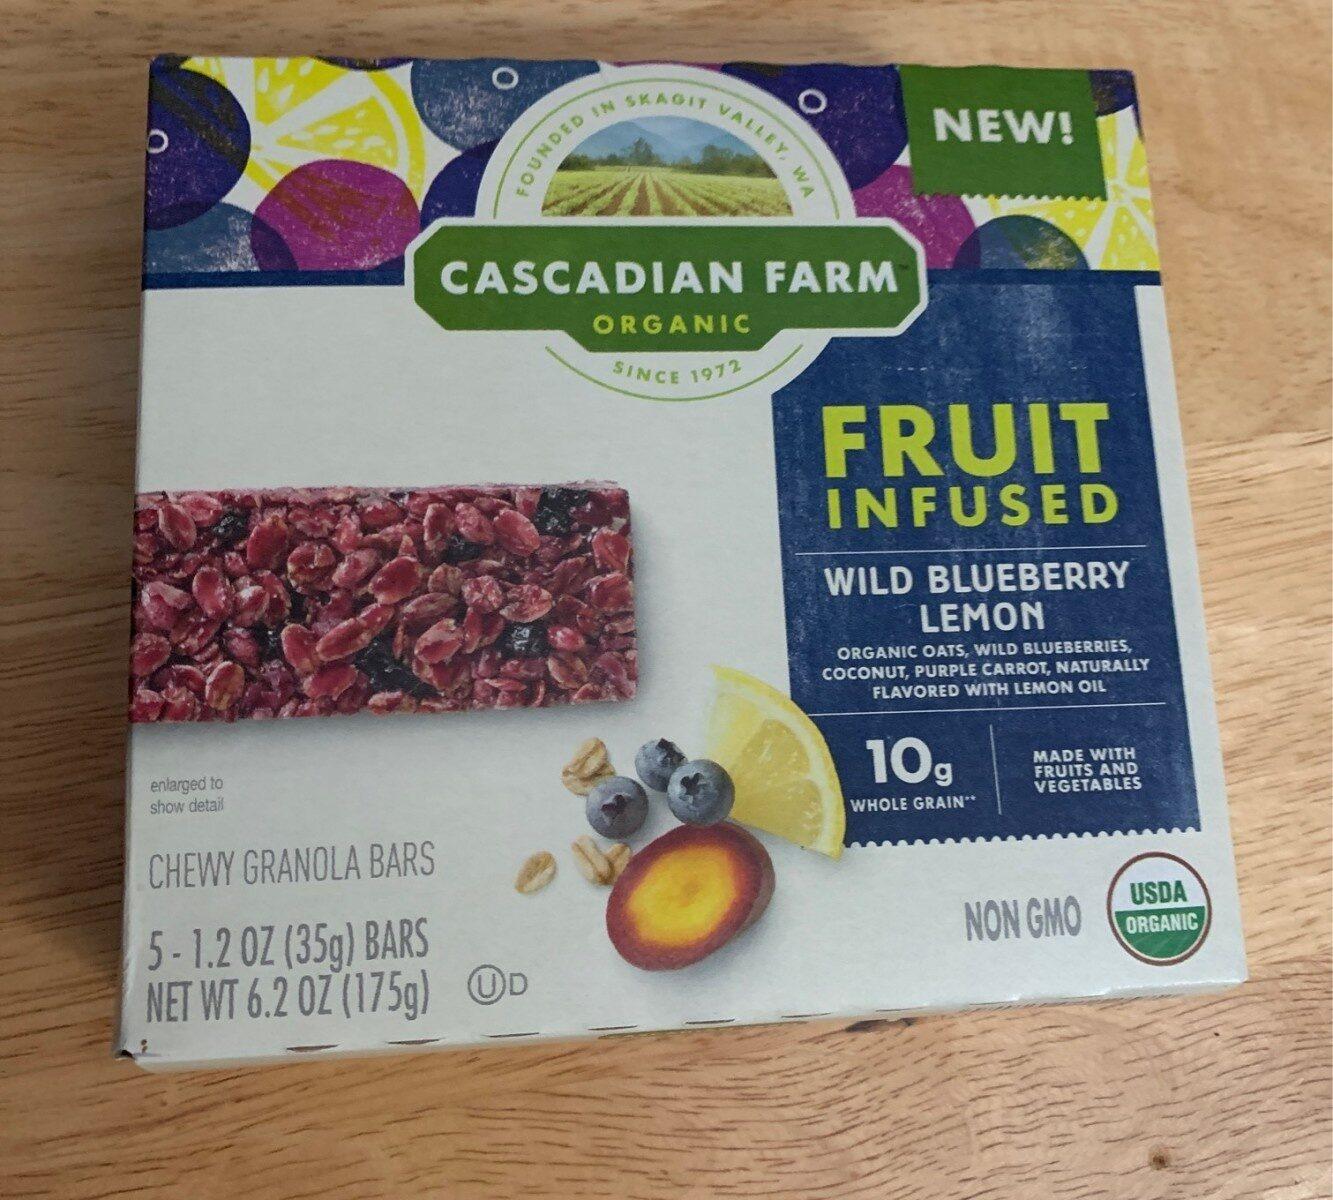 Organic organic wild blueberry lemon fruit infused - Product